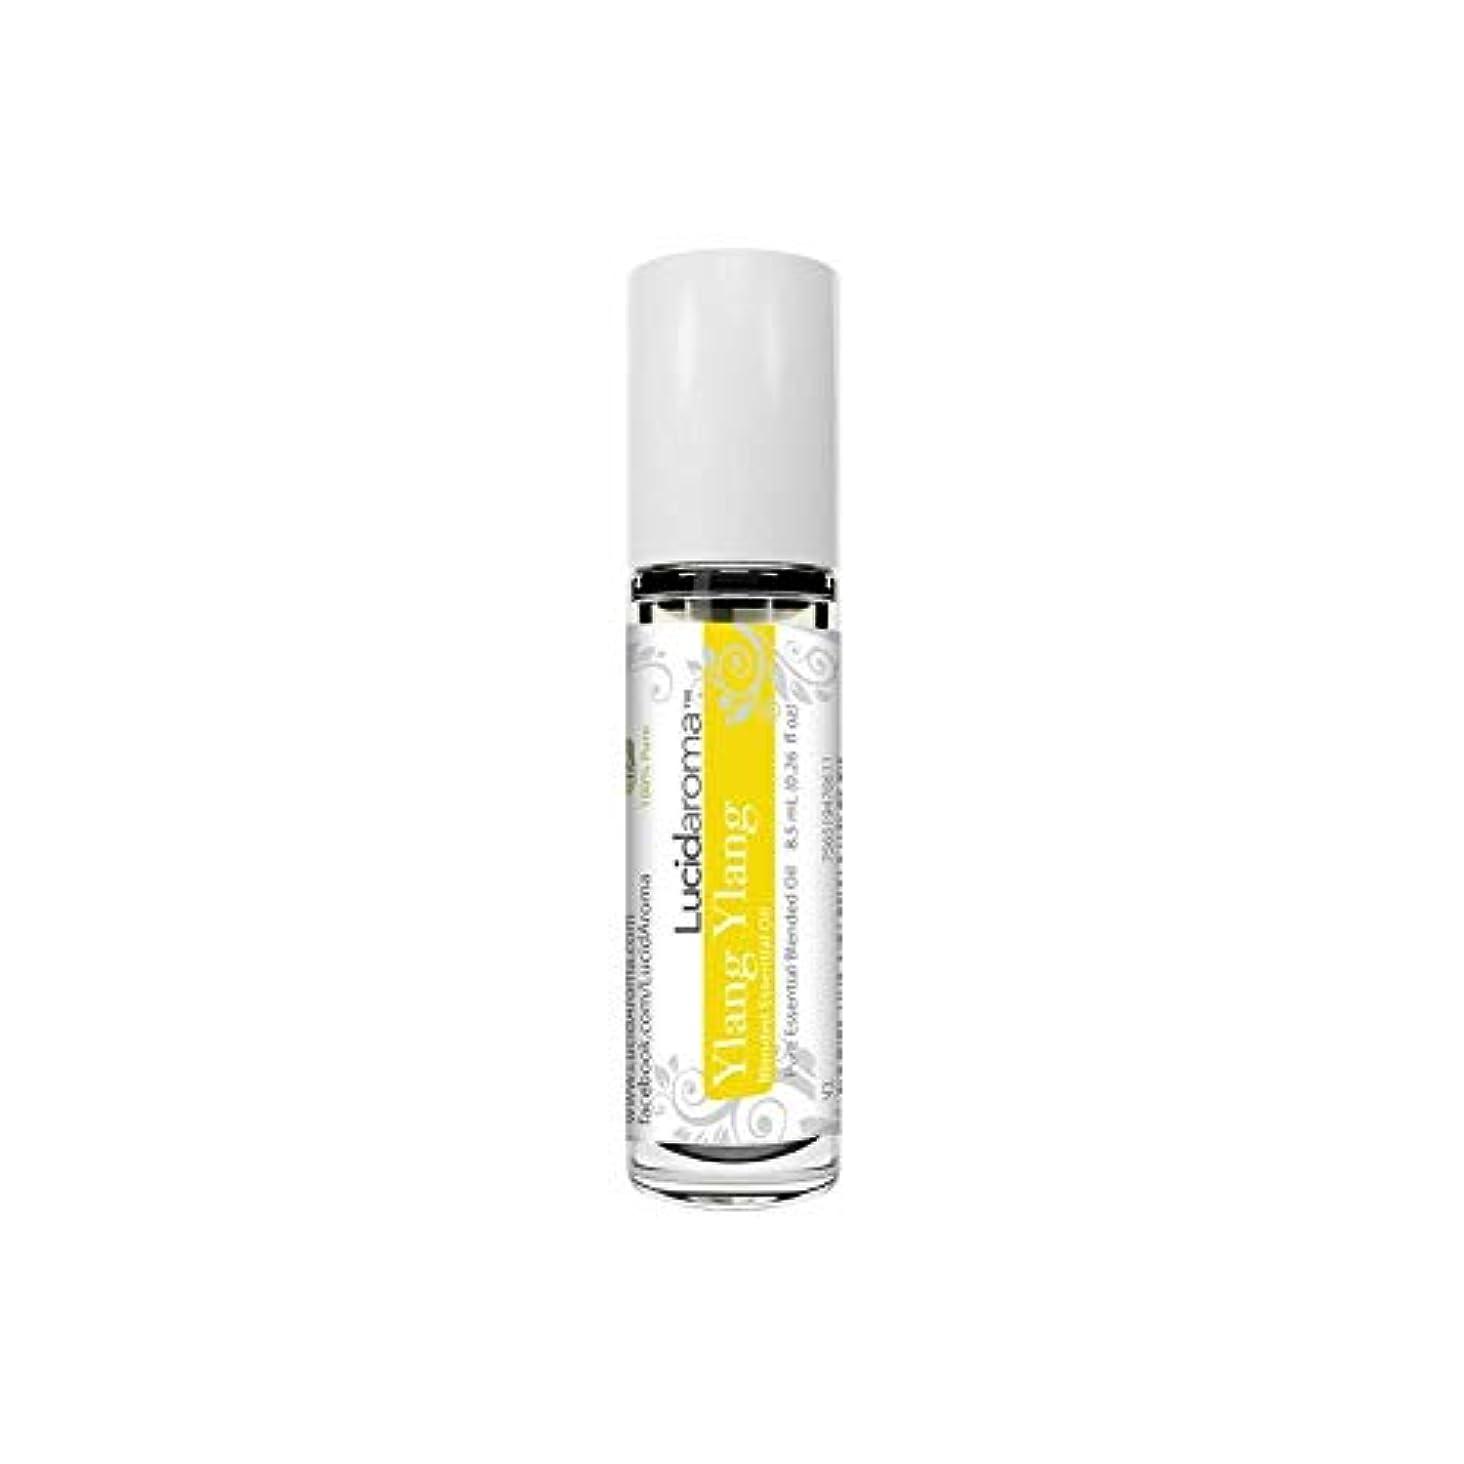 ドライバ熱狂的なにやにやLucid Aroma Ylang Ylang イランイラン ロールオン アロマオイル 8.5mL (塗るアロマ) 100%天然 携帯便利 ラックス アメリカ製